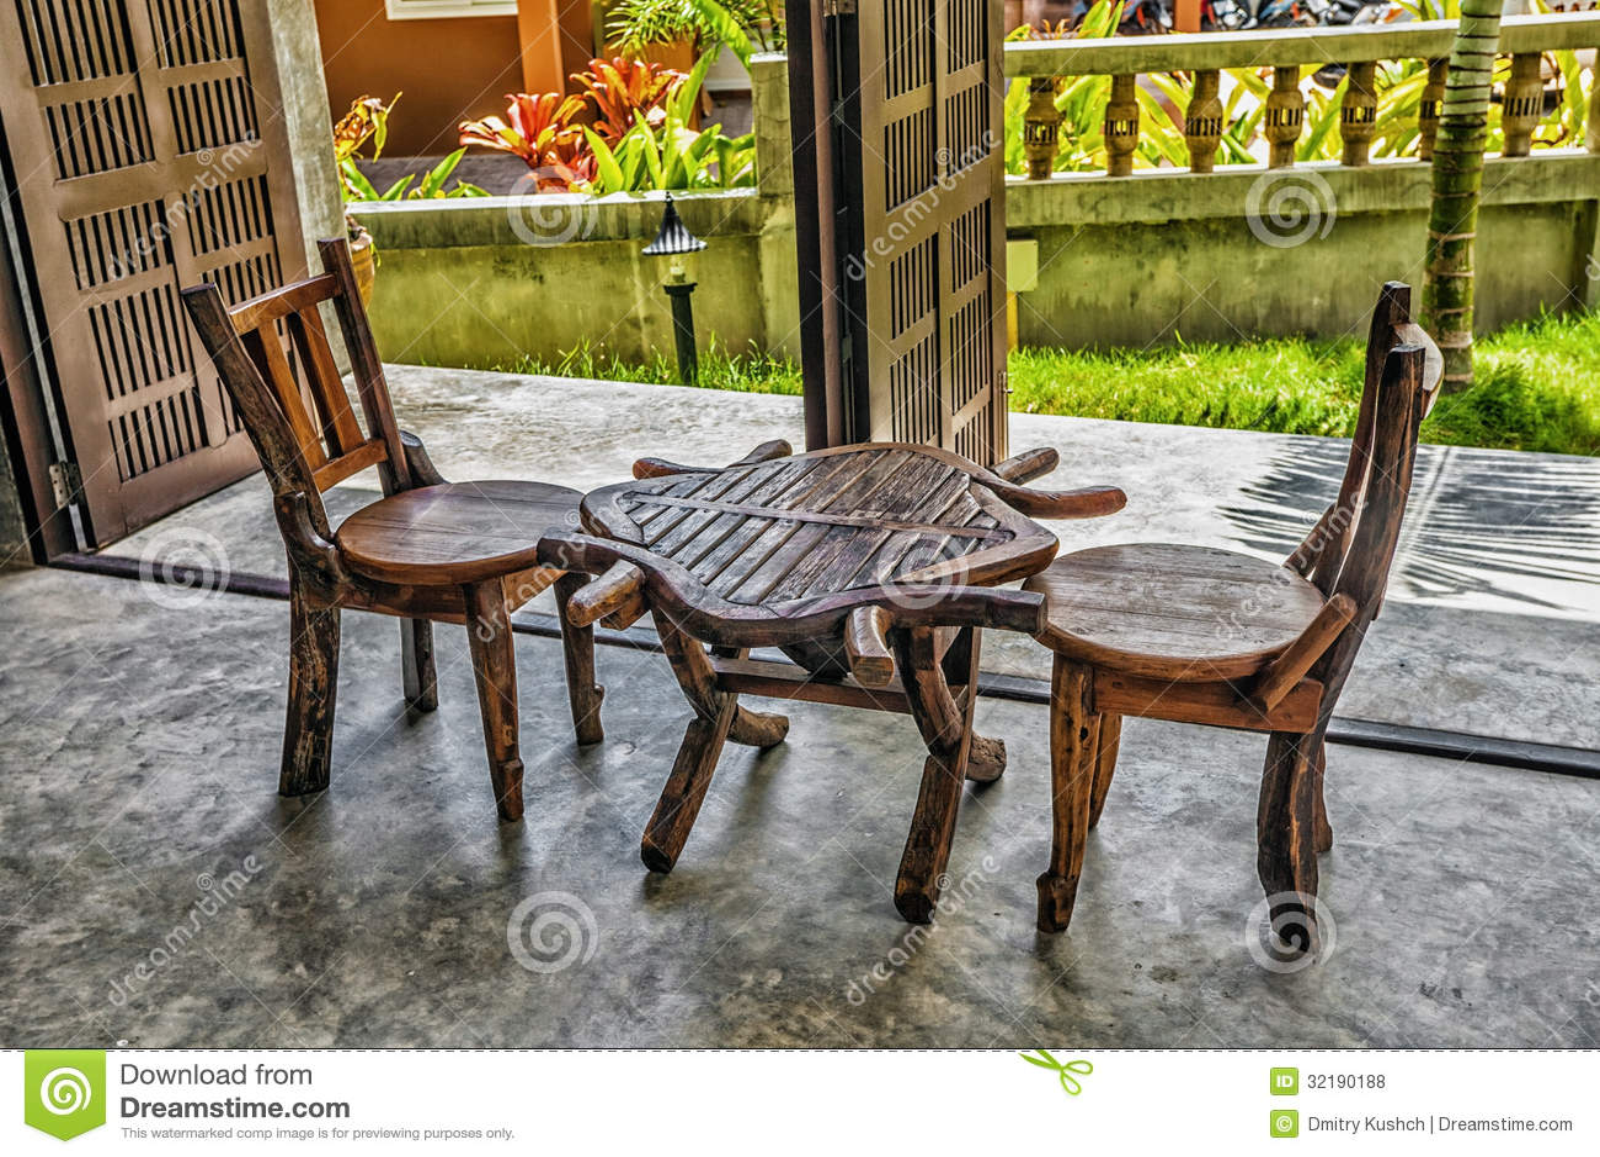 zwei alte holzst hle und eine tabelle lizenzfreie stockfotos bild 32190188. Black Bedroom Furniture Sets. Home Design Ideas